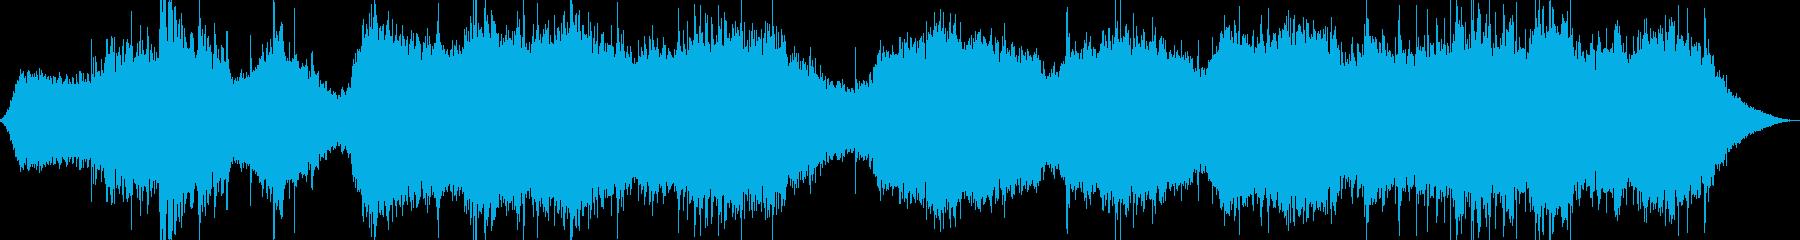 和風 儀式に合うBGMの再生済みの波形